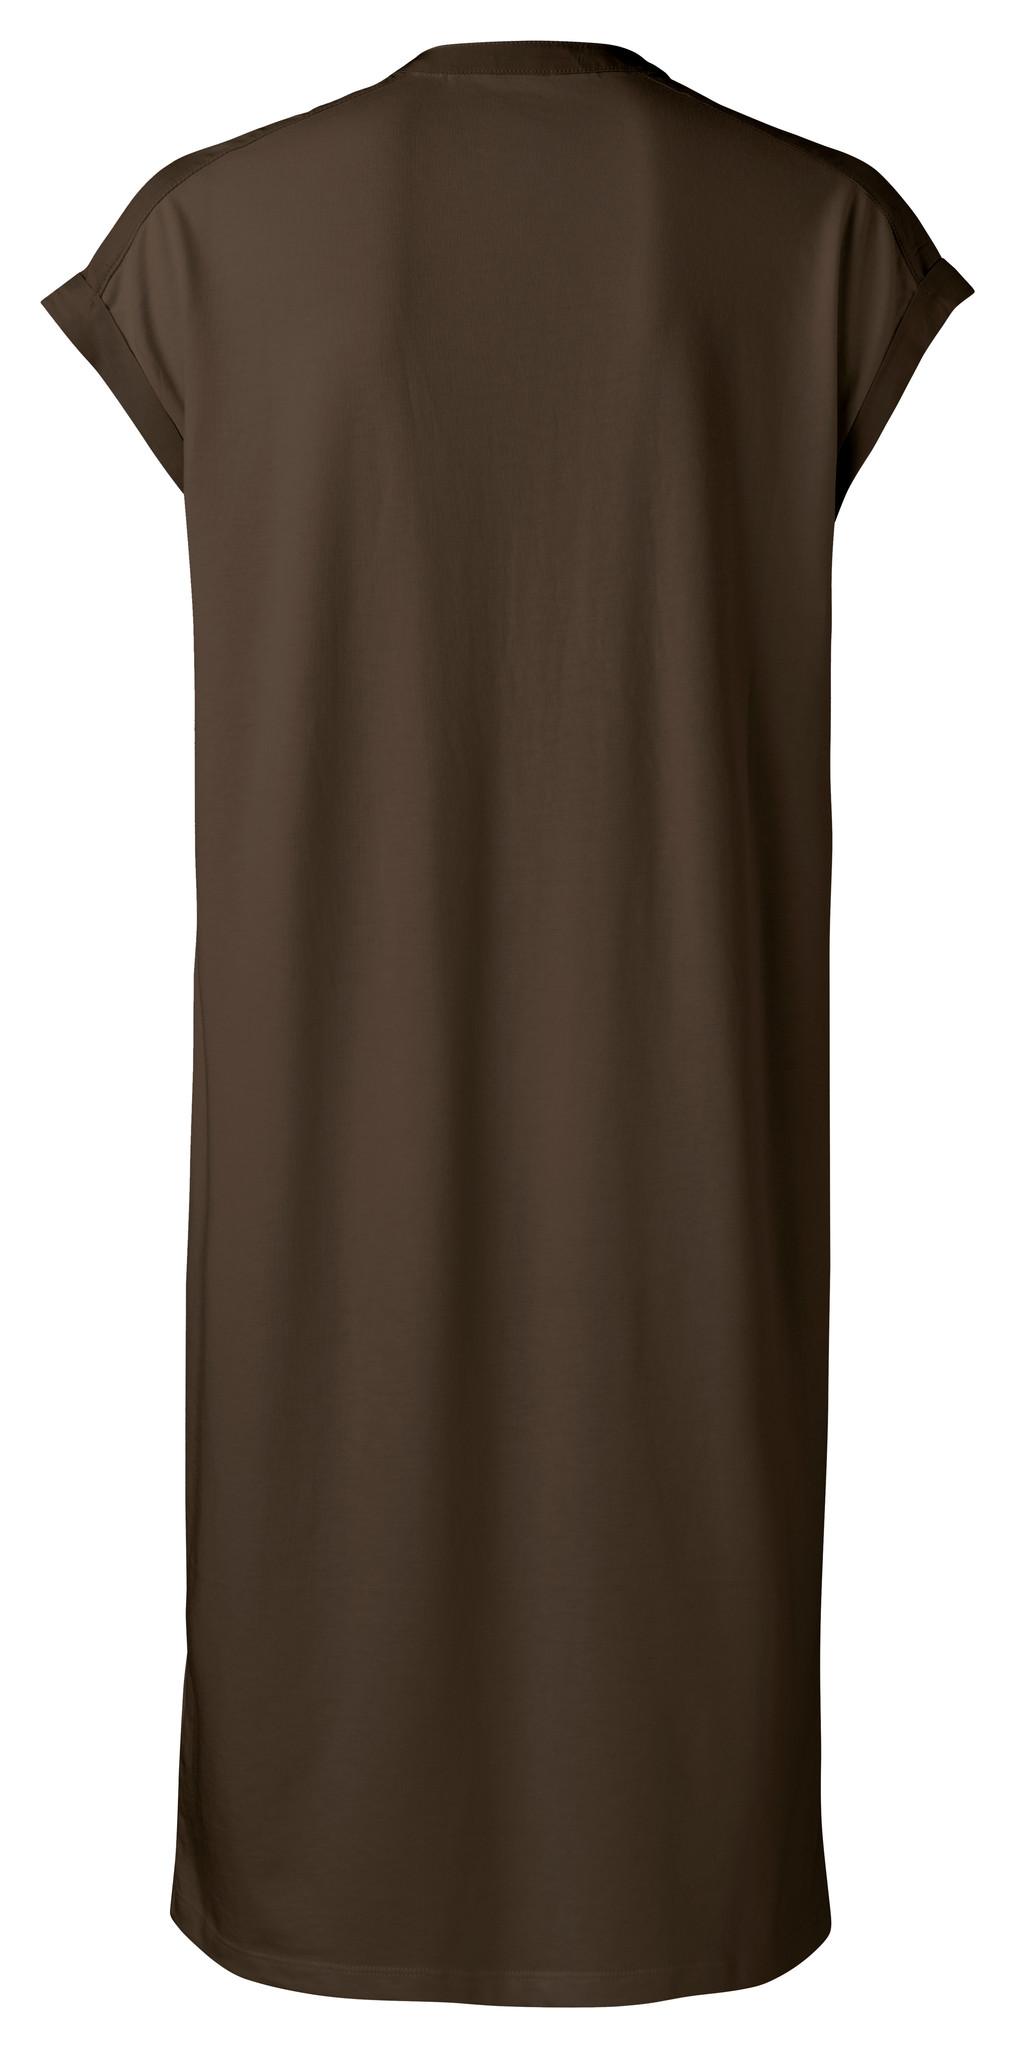 yaya Fabric mix dress wit 1809329-115-2